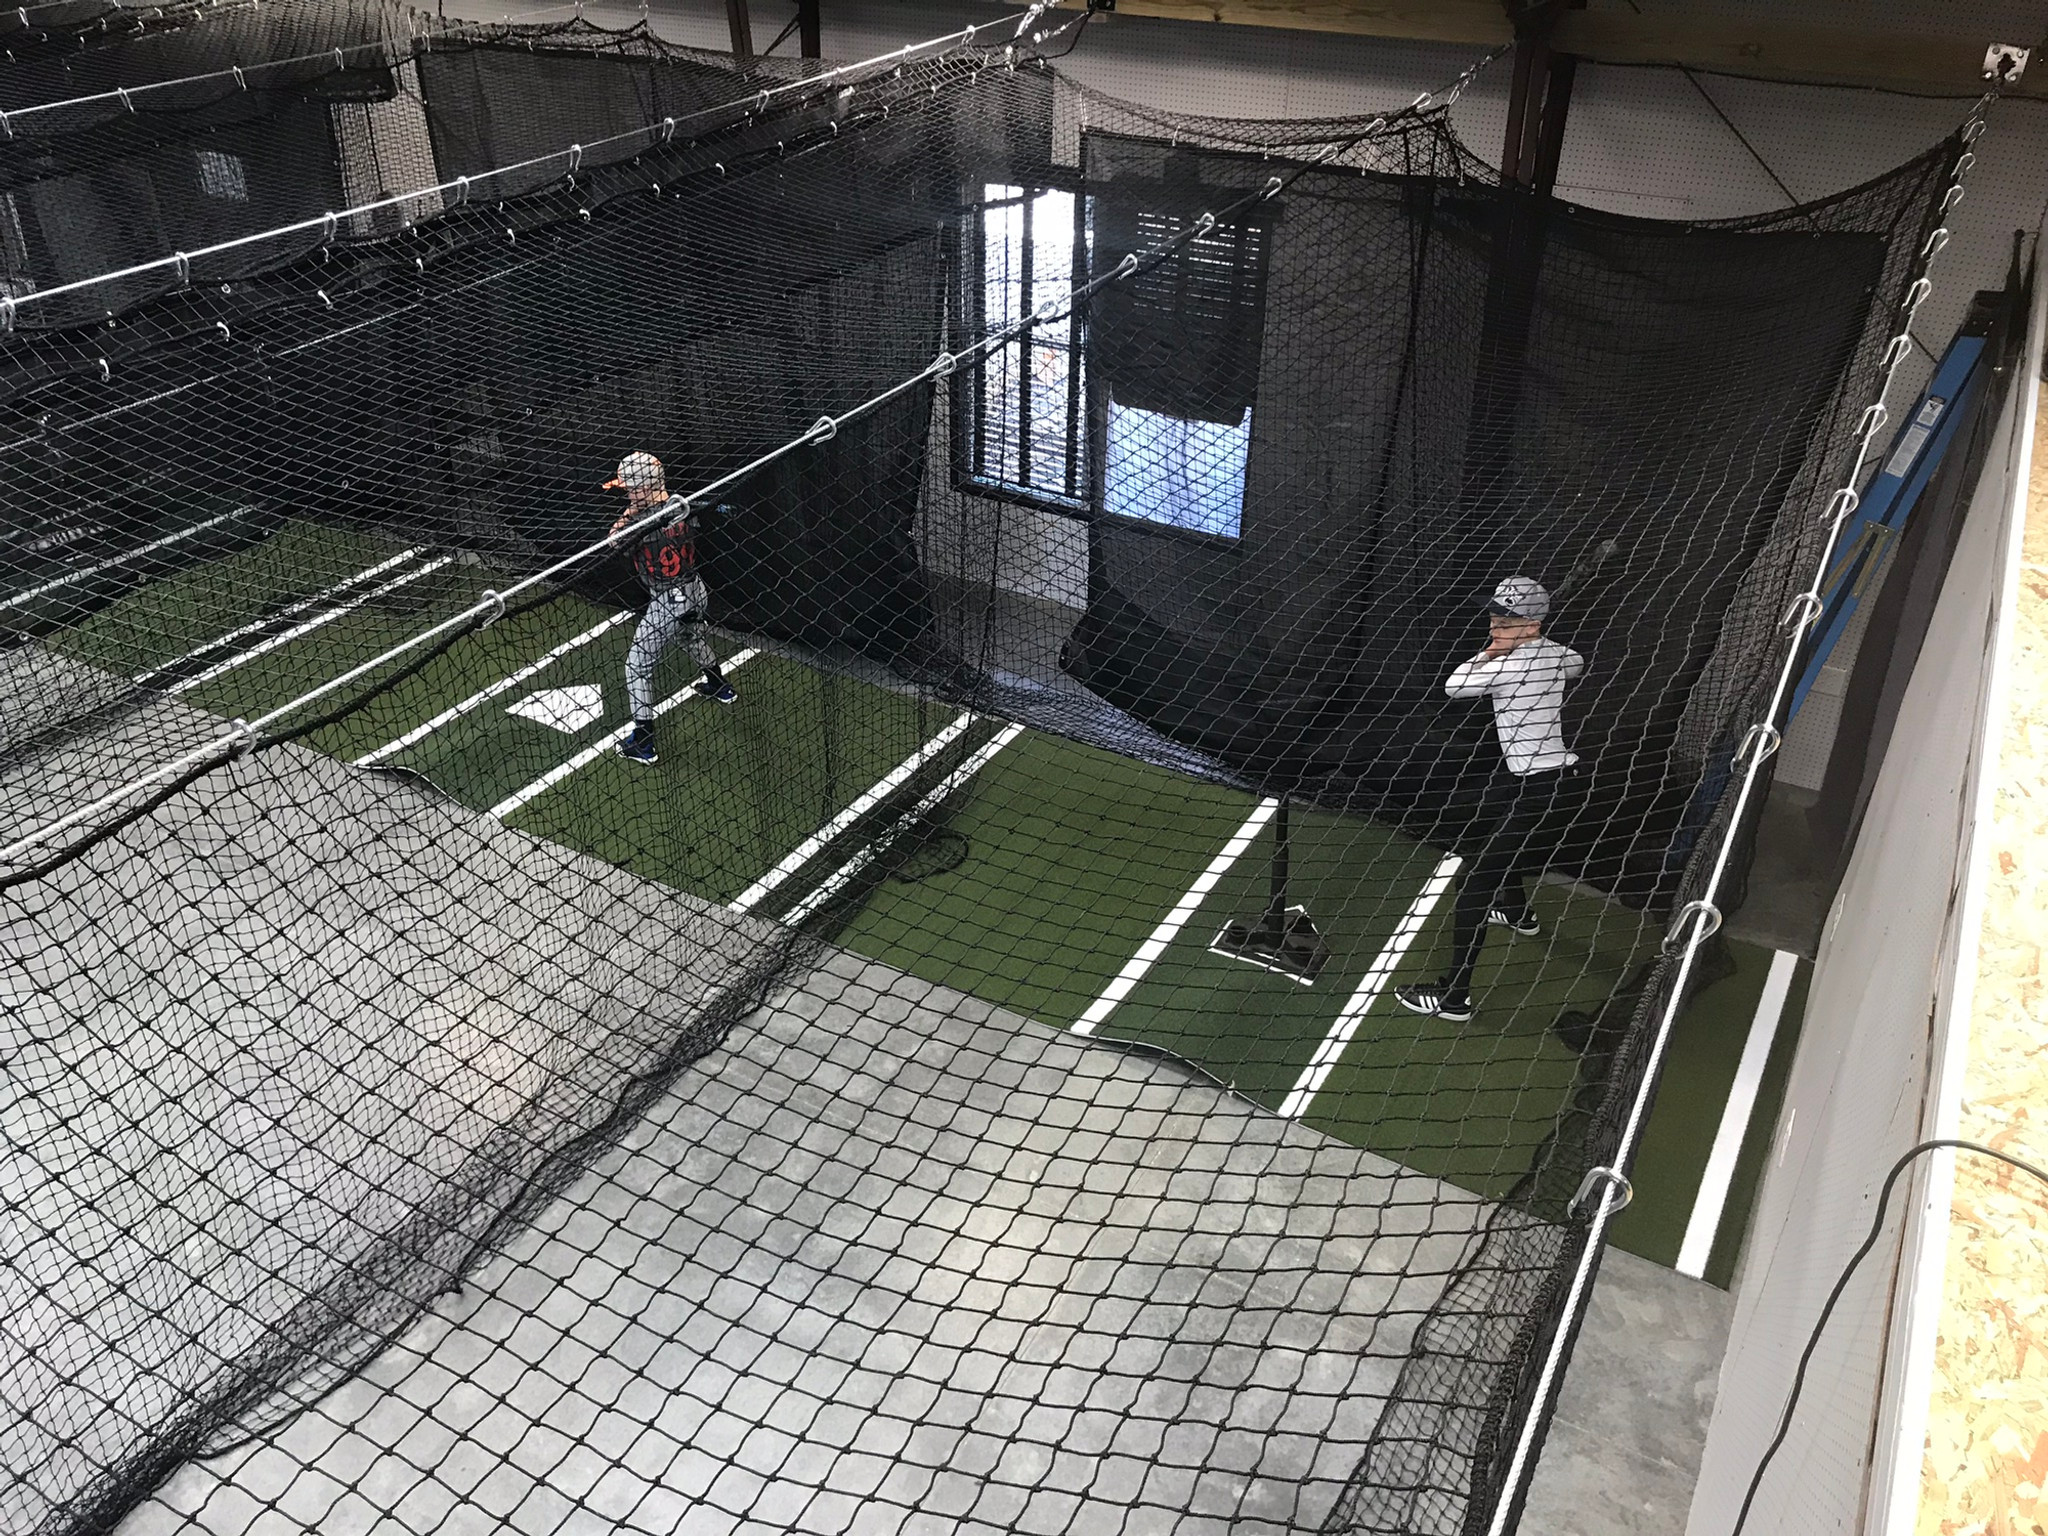 Indoor Cage Rental w/ BB Pitch Mach 1Hr